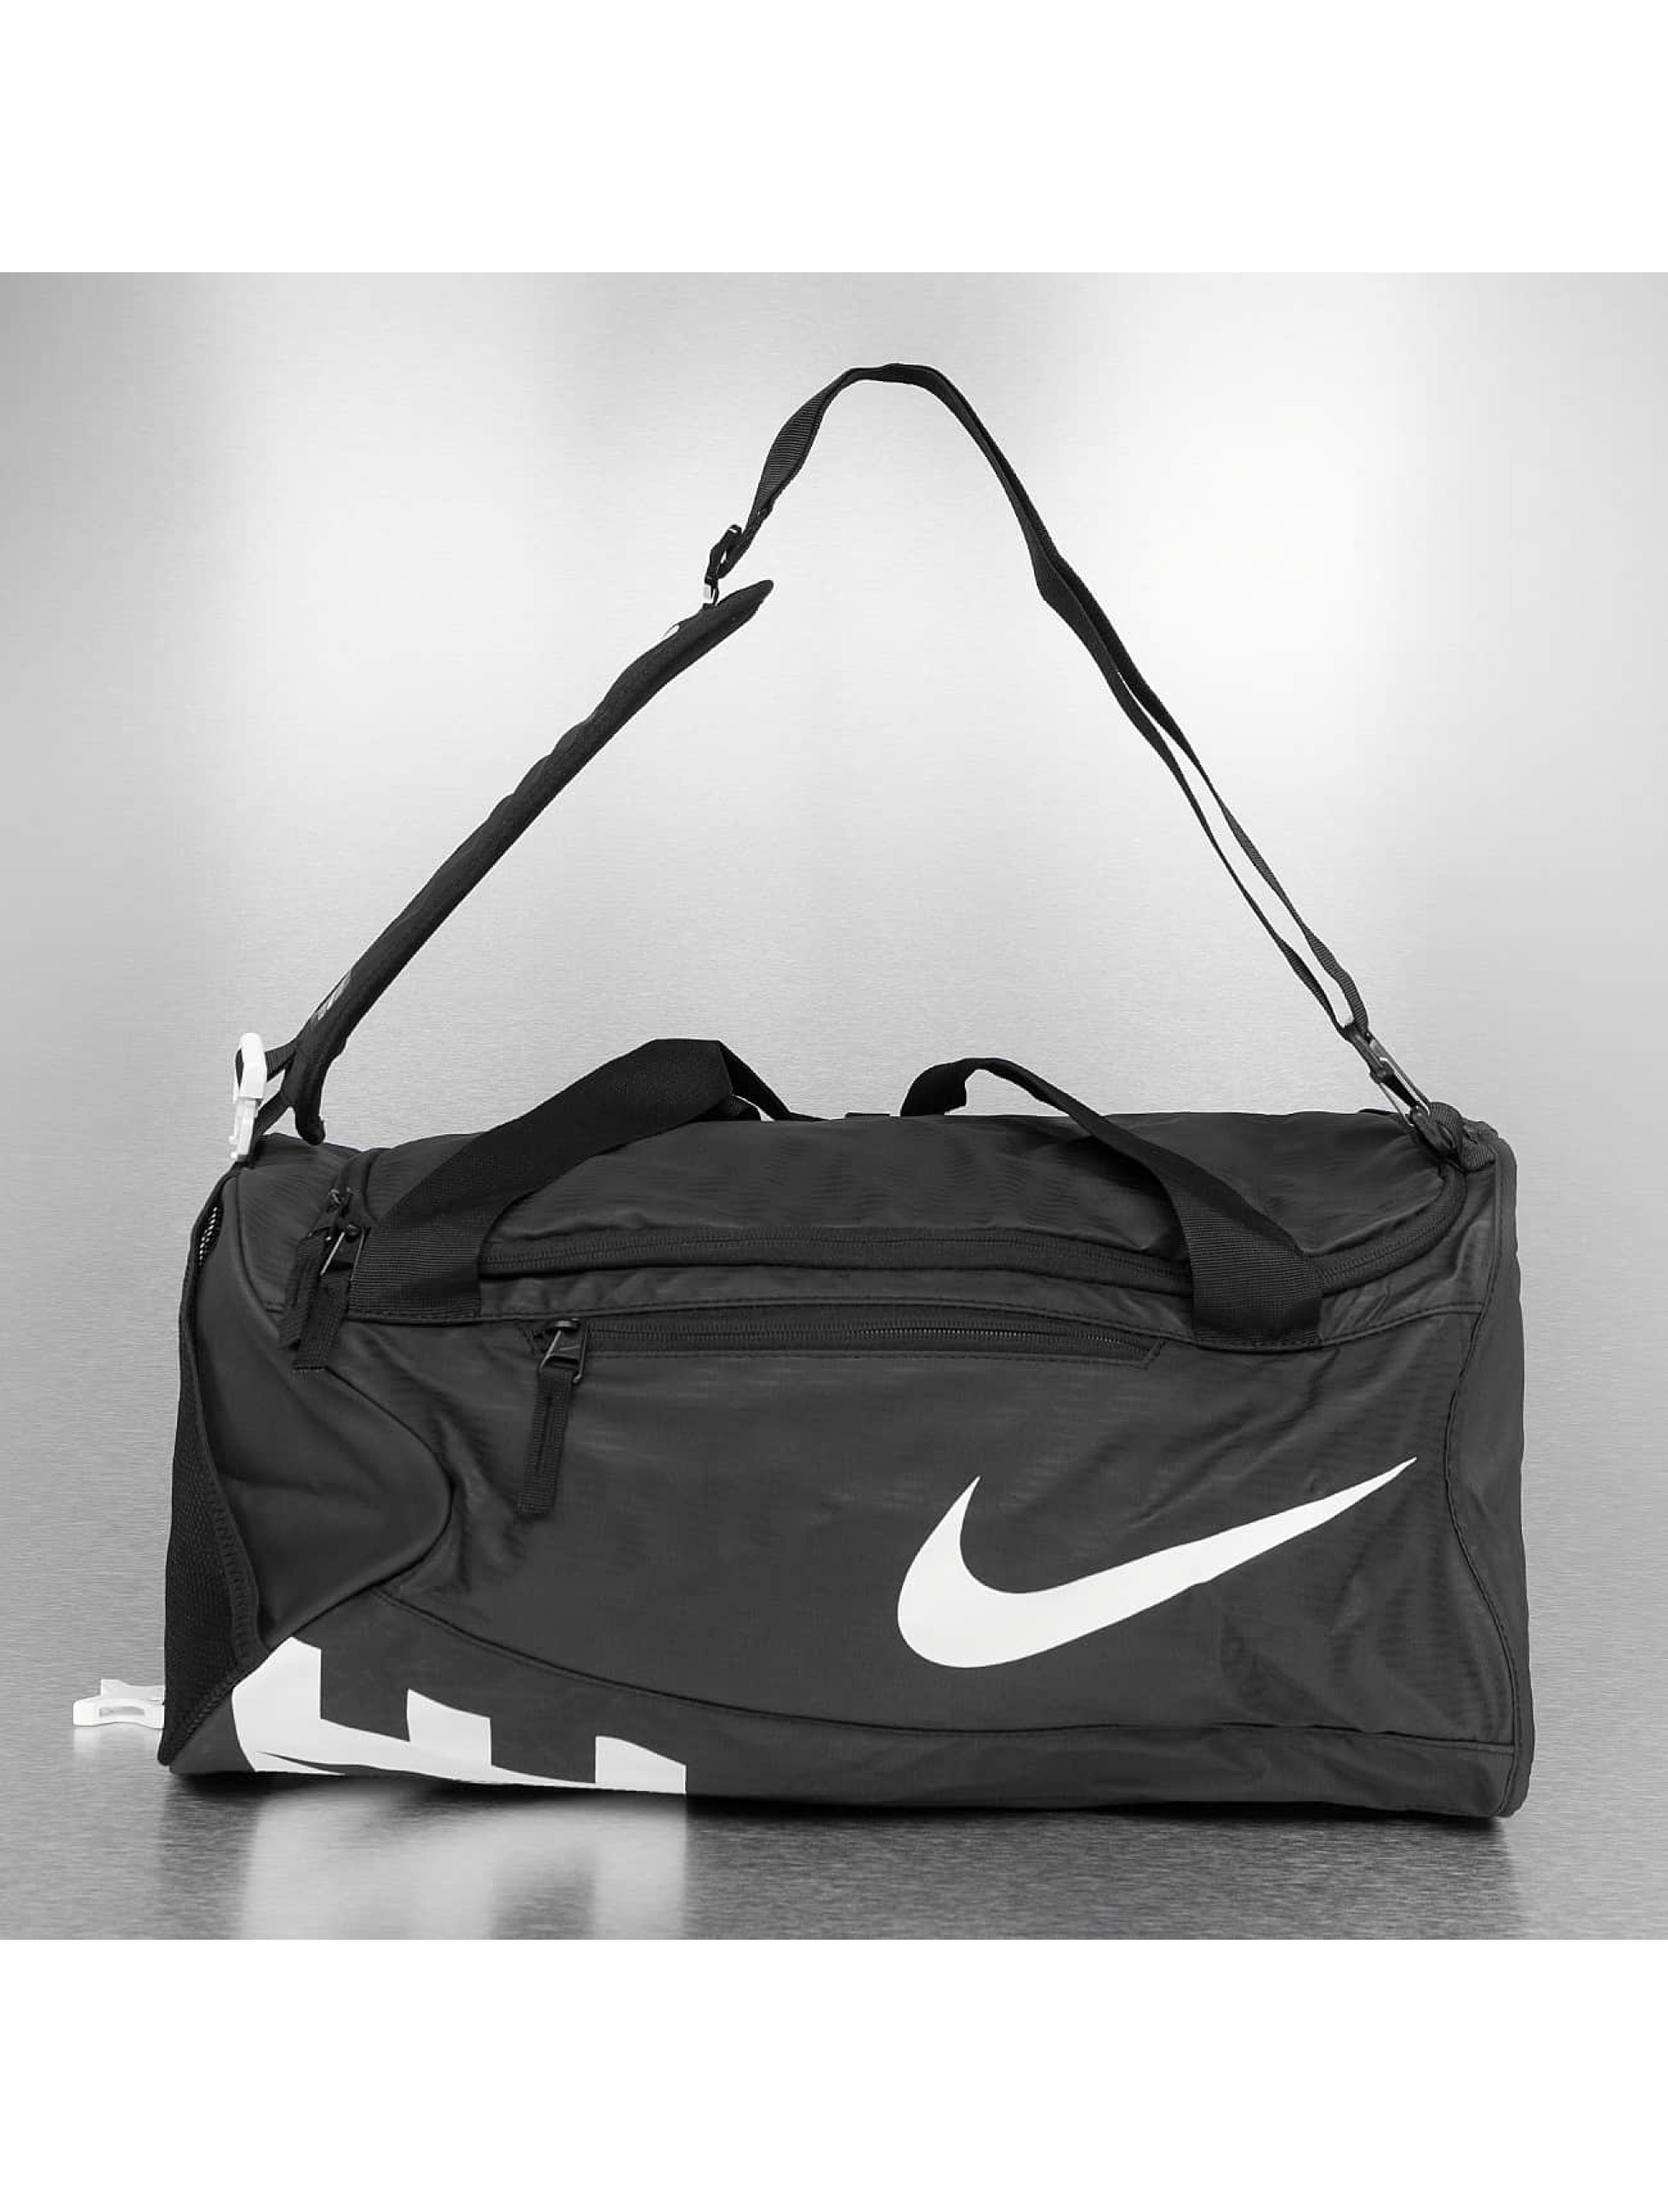 Nike Performance Männer,Frauen Tasche Alpha Adapt Crossbody in schwarz